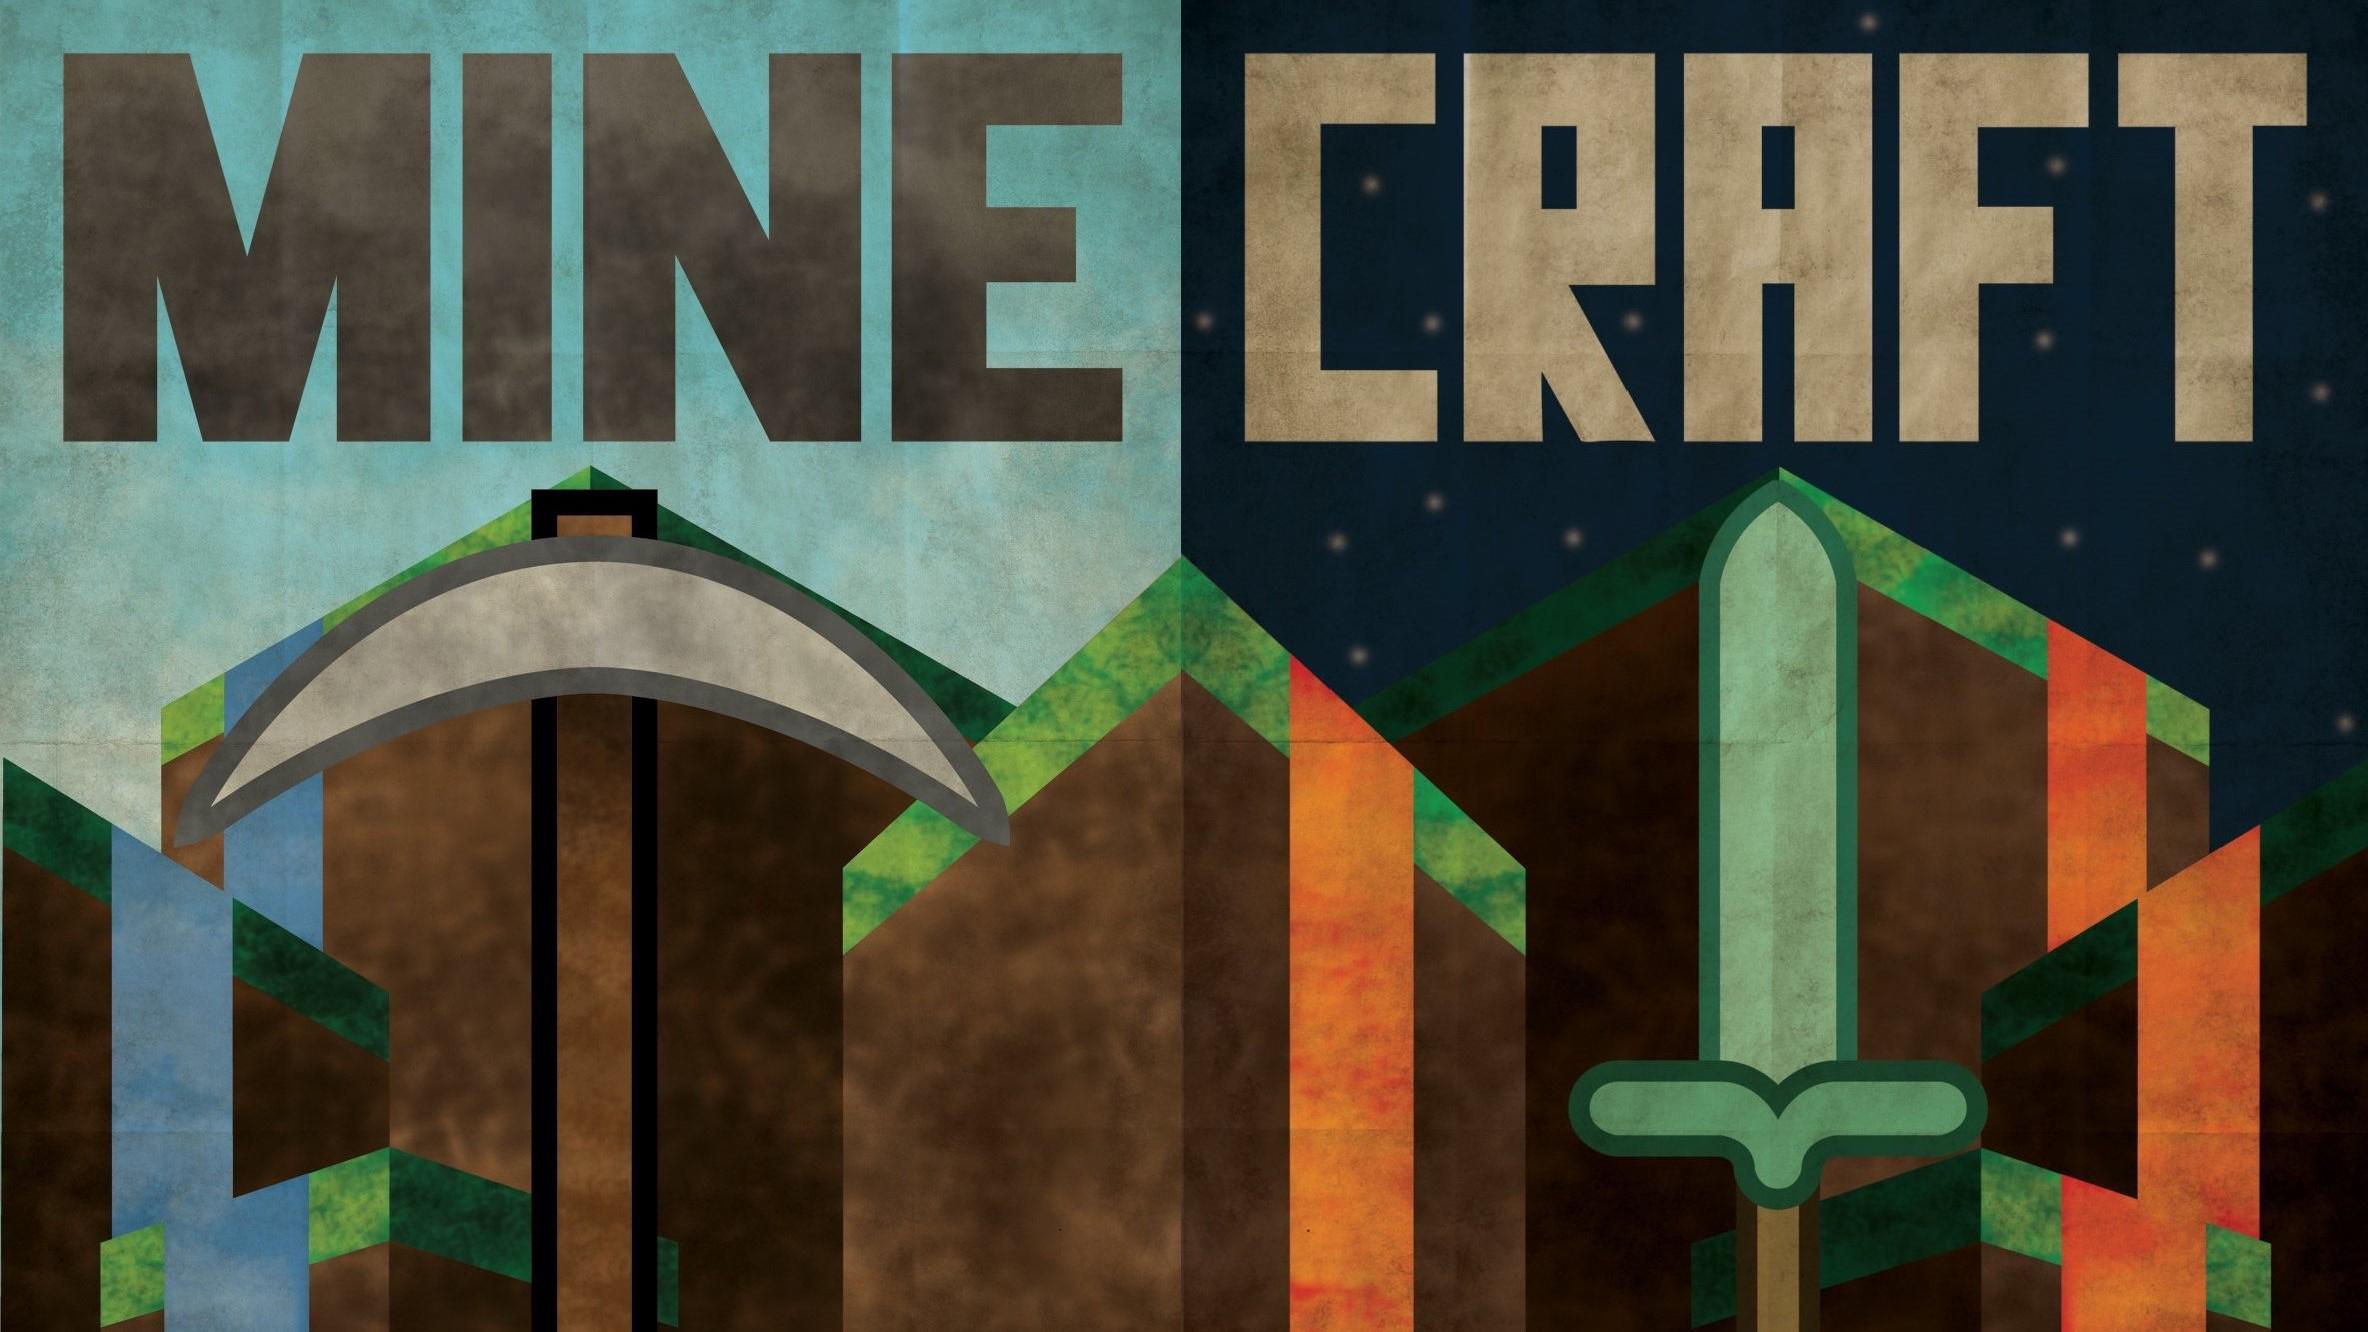 Minecraft Wallpaper's by CarlosTown on DeviantArt